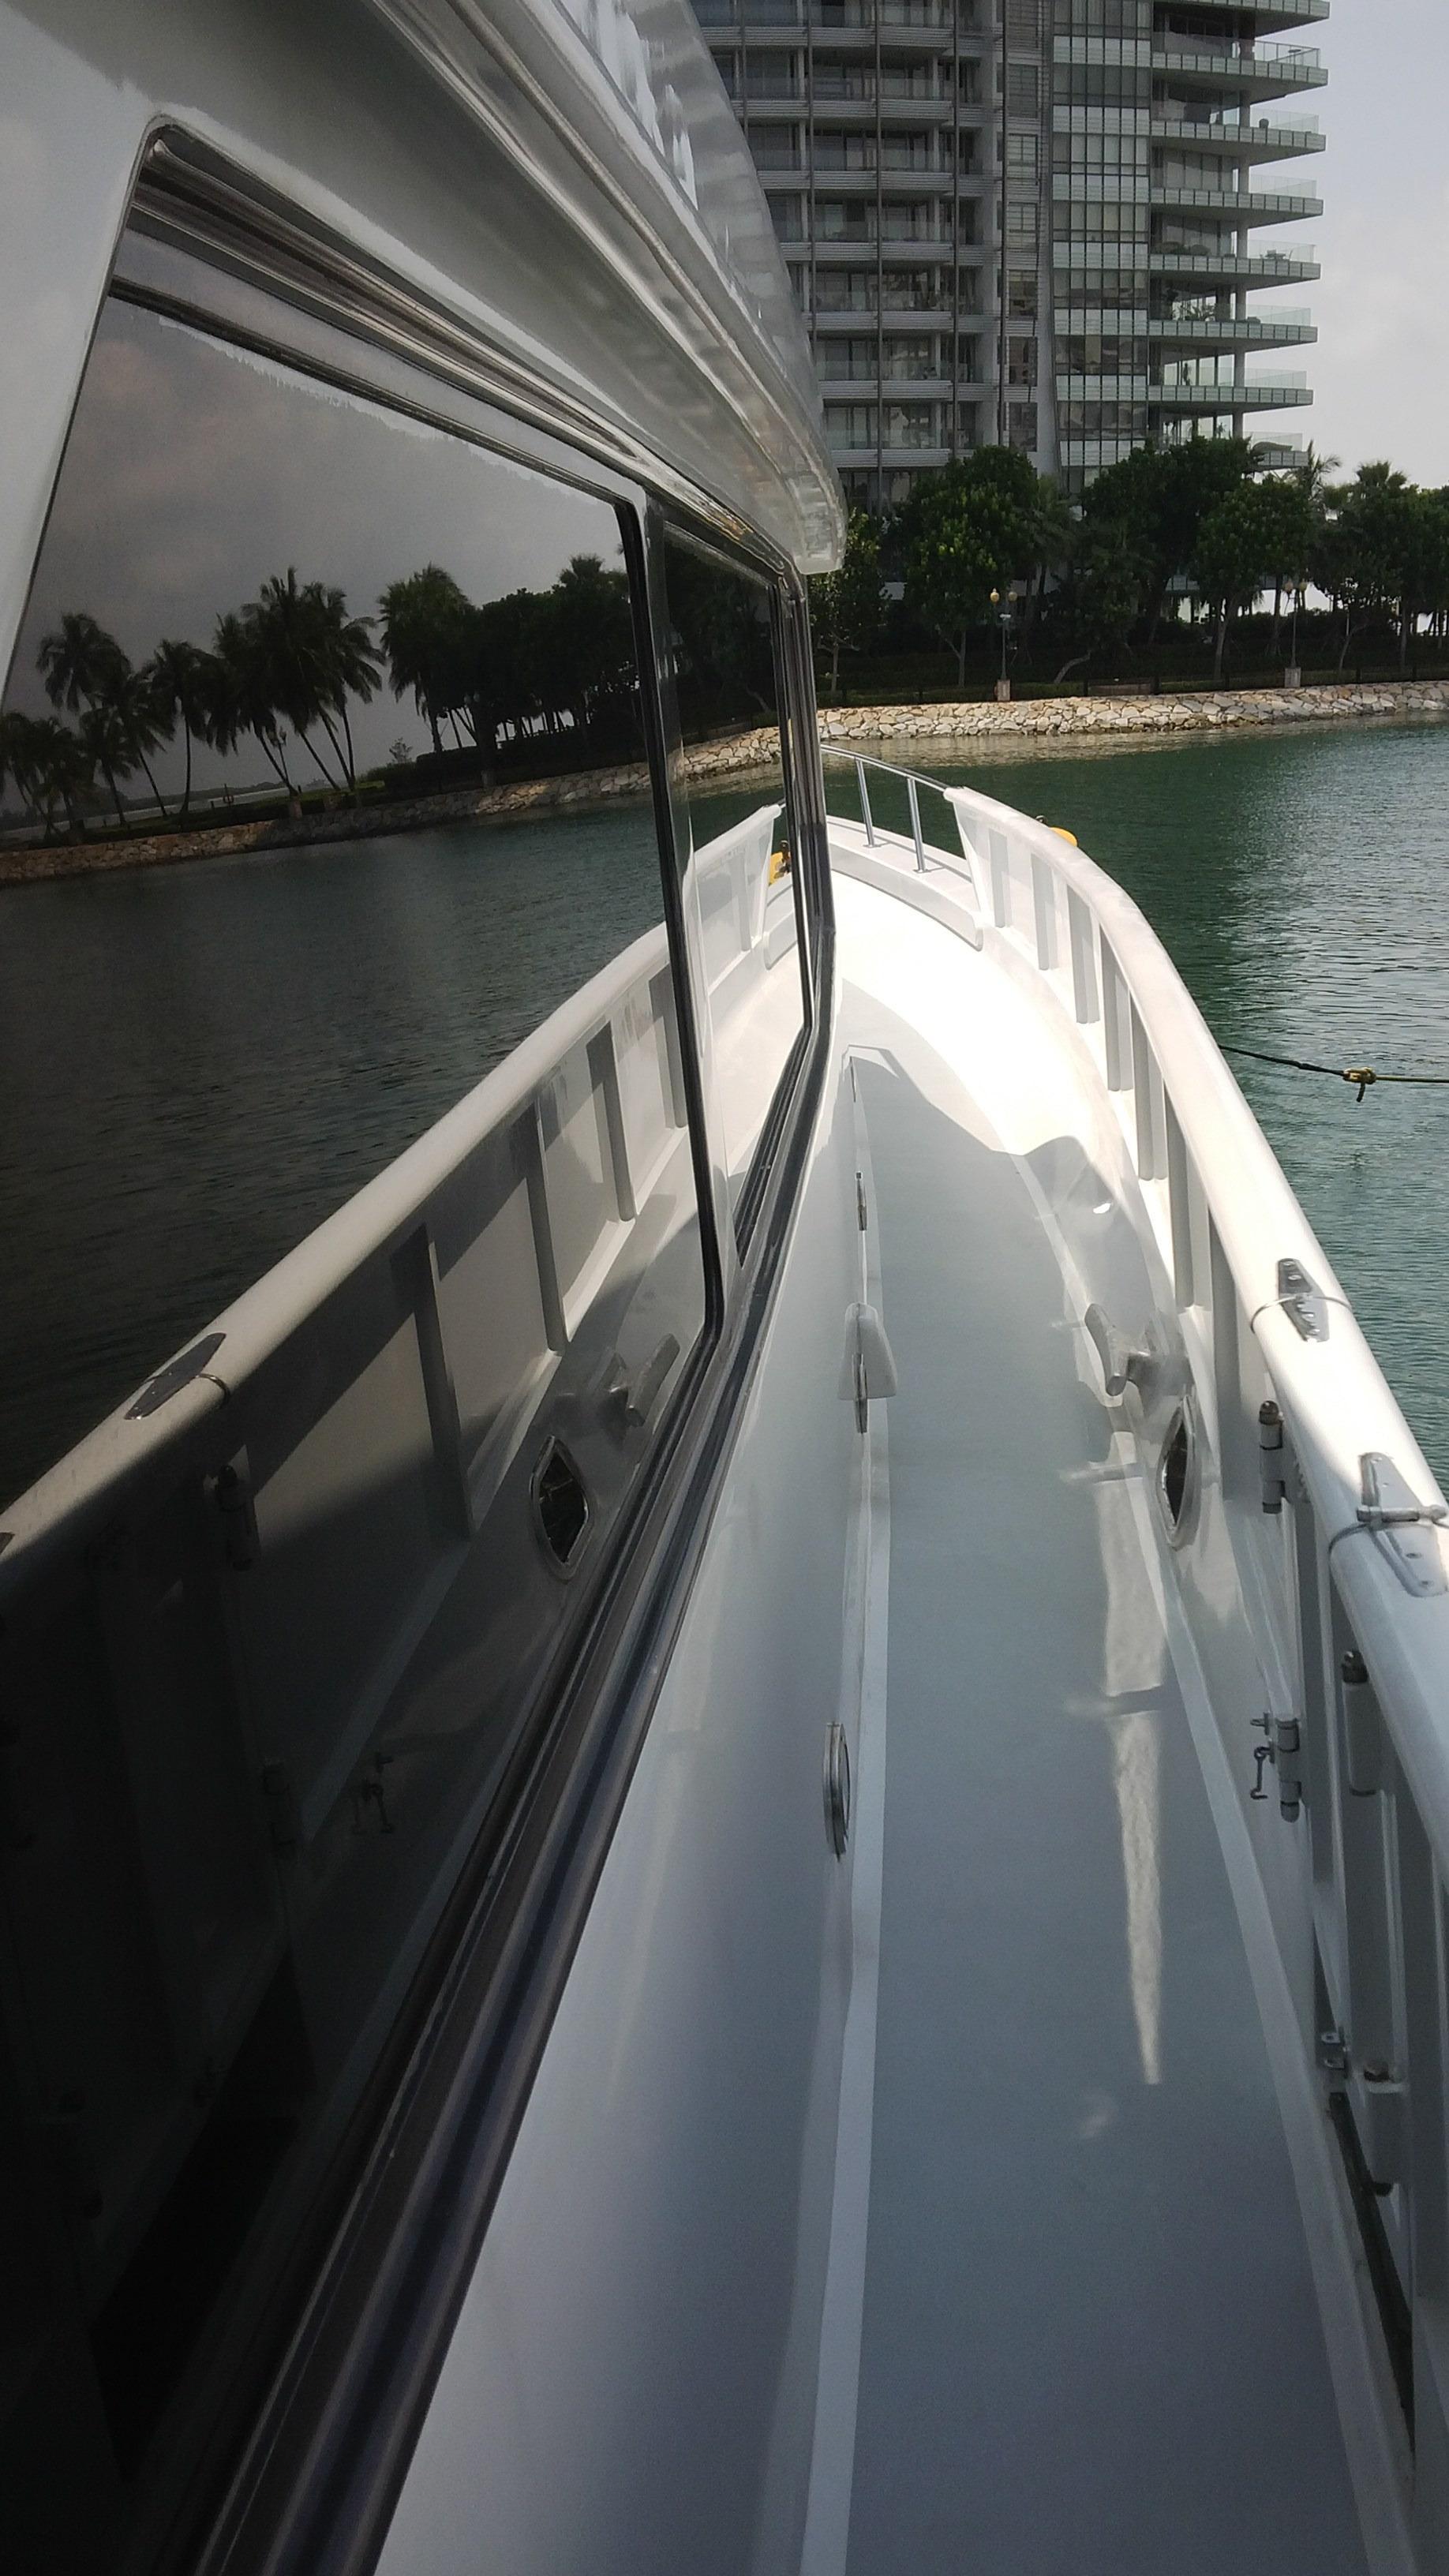 Starboard Deck - Looking Forward